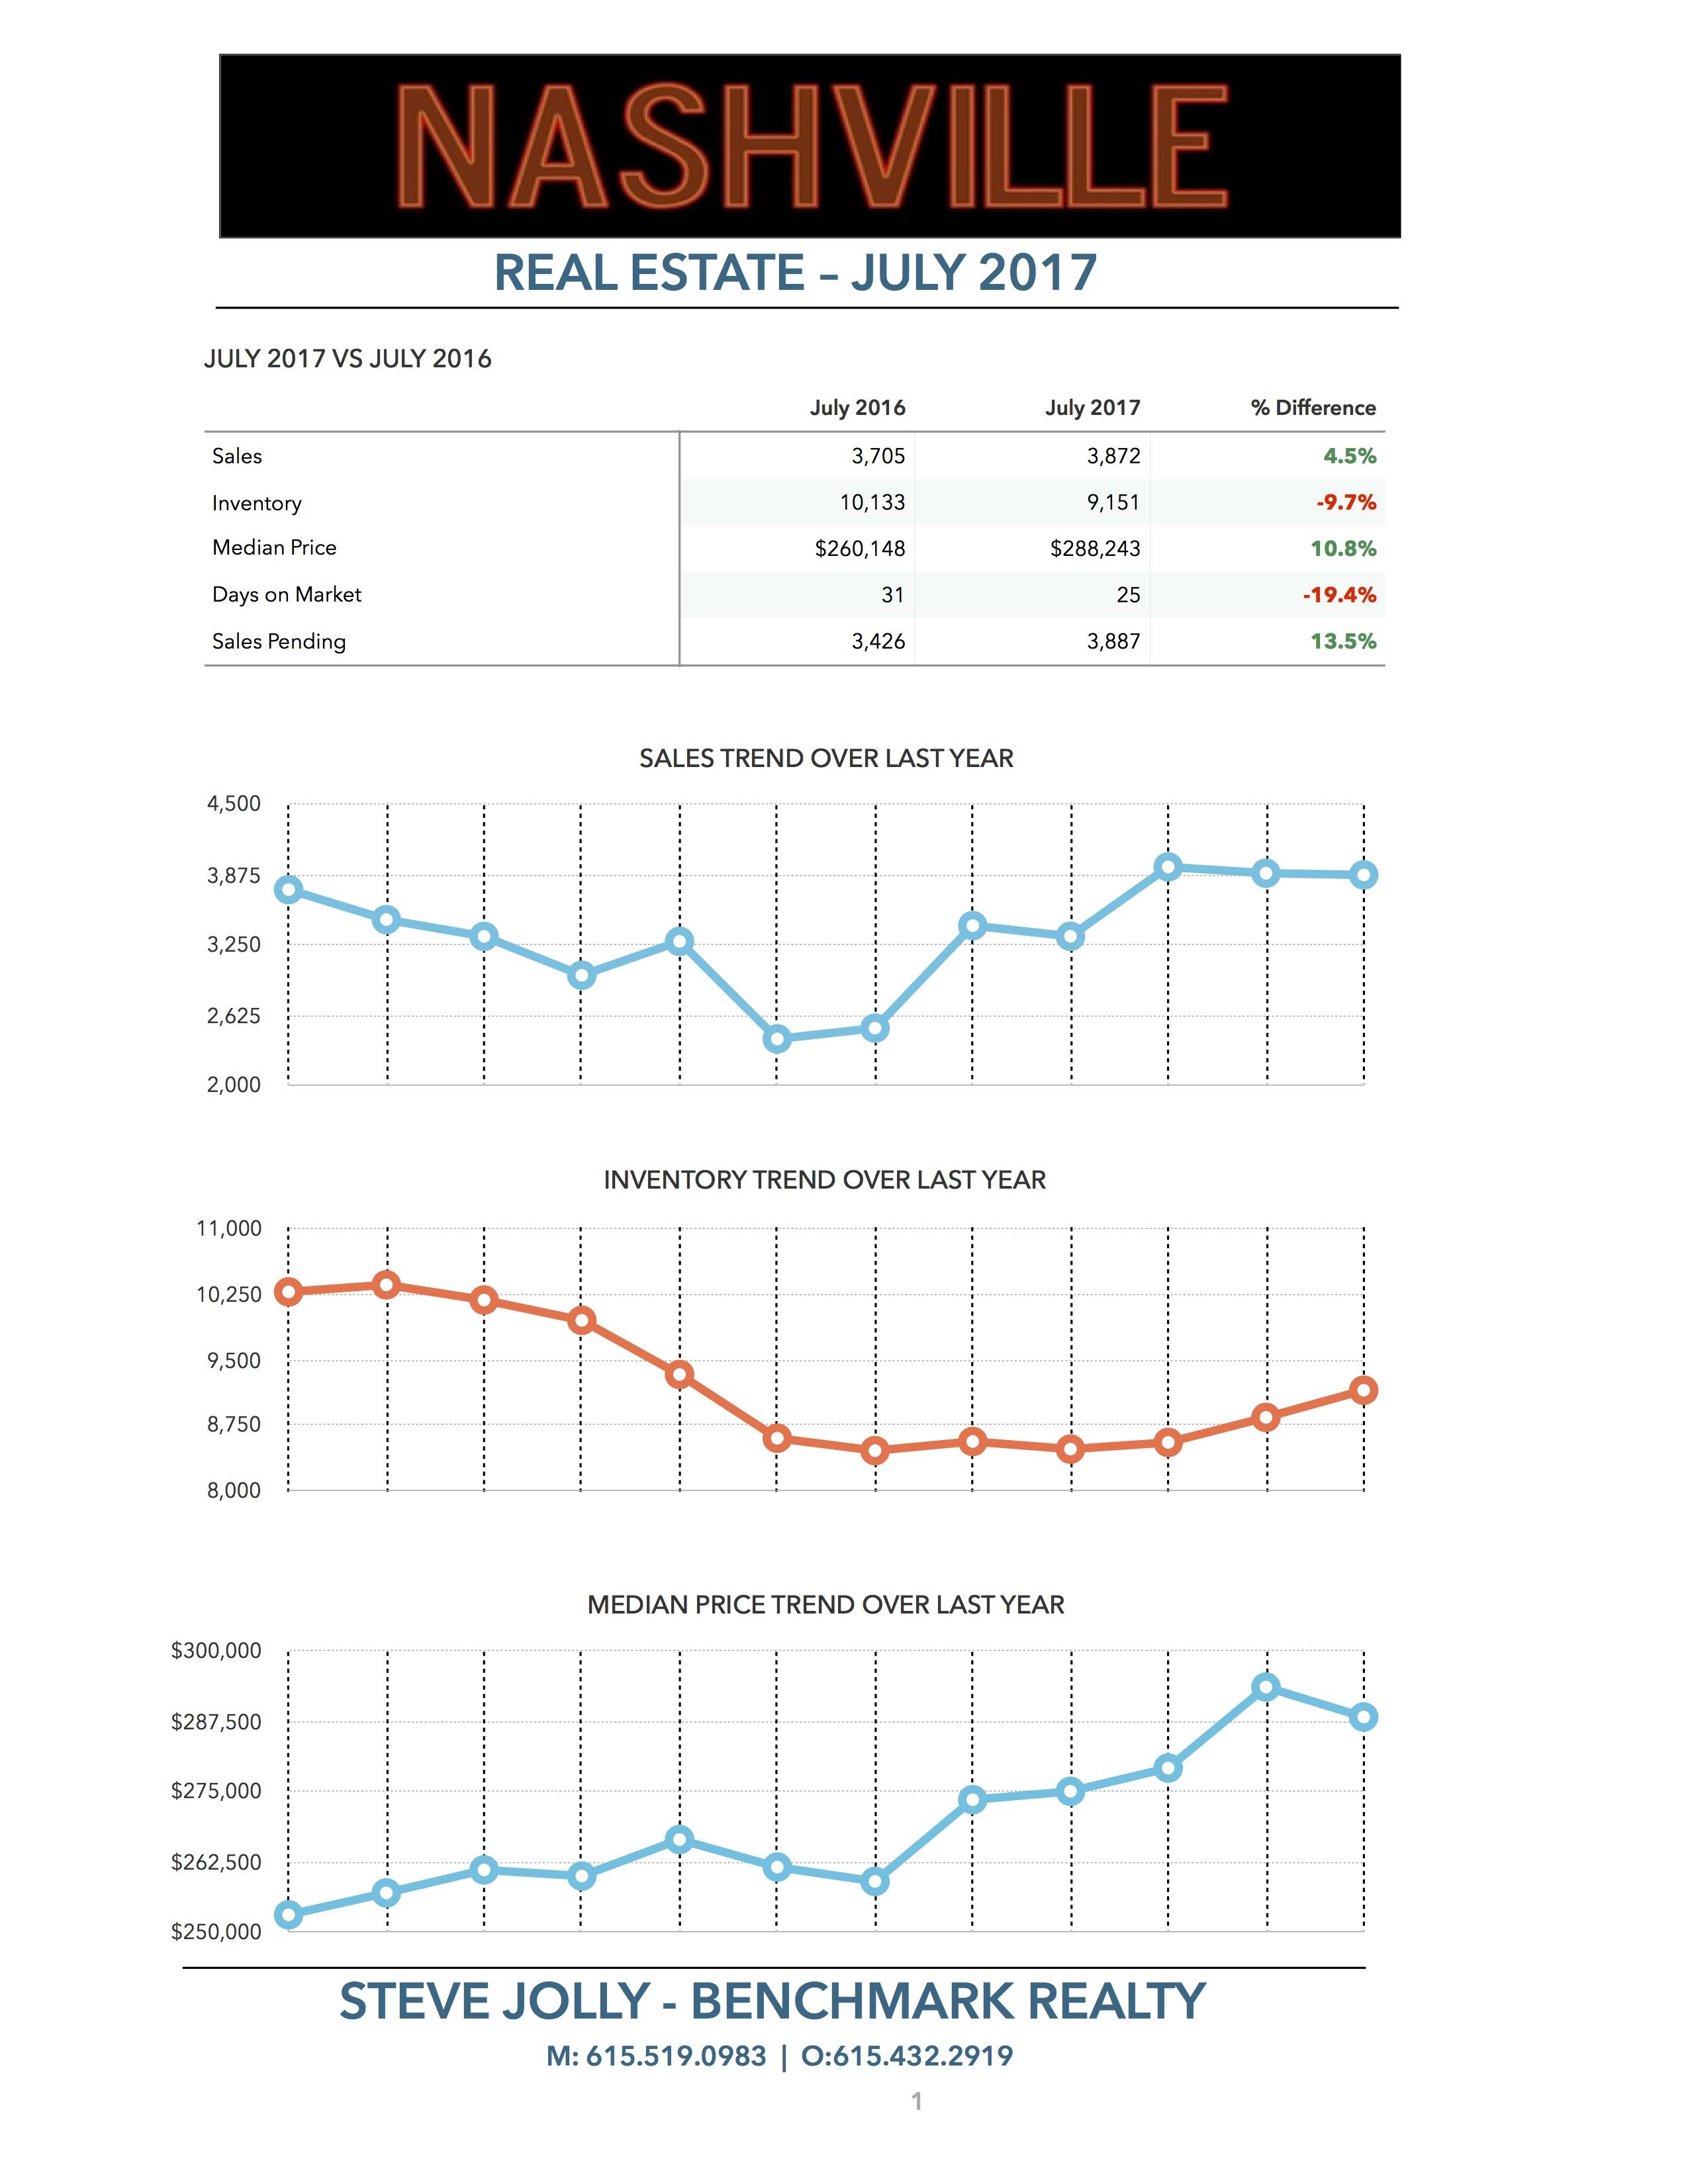 Nashville Real Estate Market July 2017